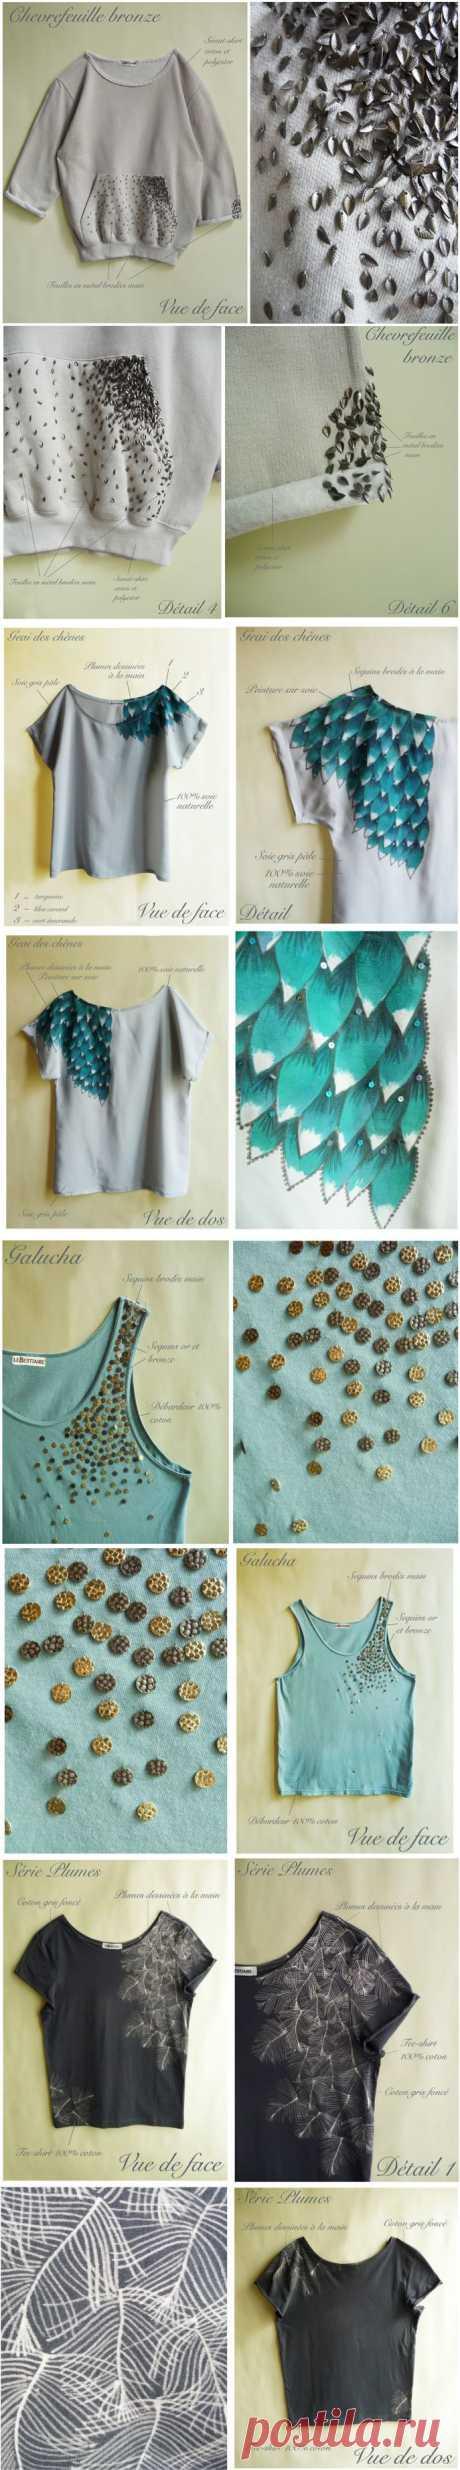 40 простых и стильных способов украсить одежду / Худи / Модный сайт о стильной переделке одежды и интерьера